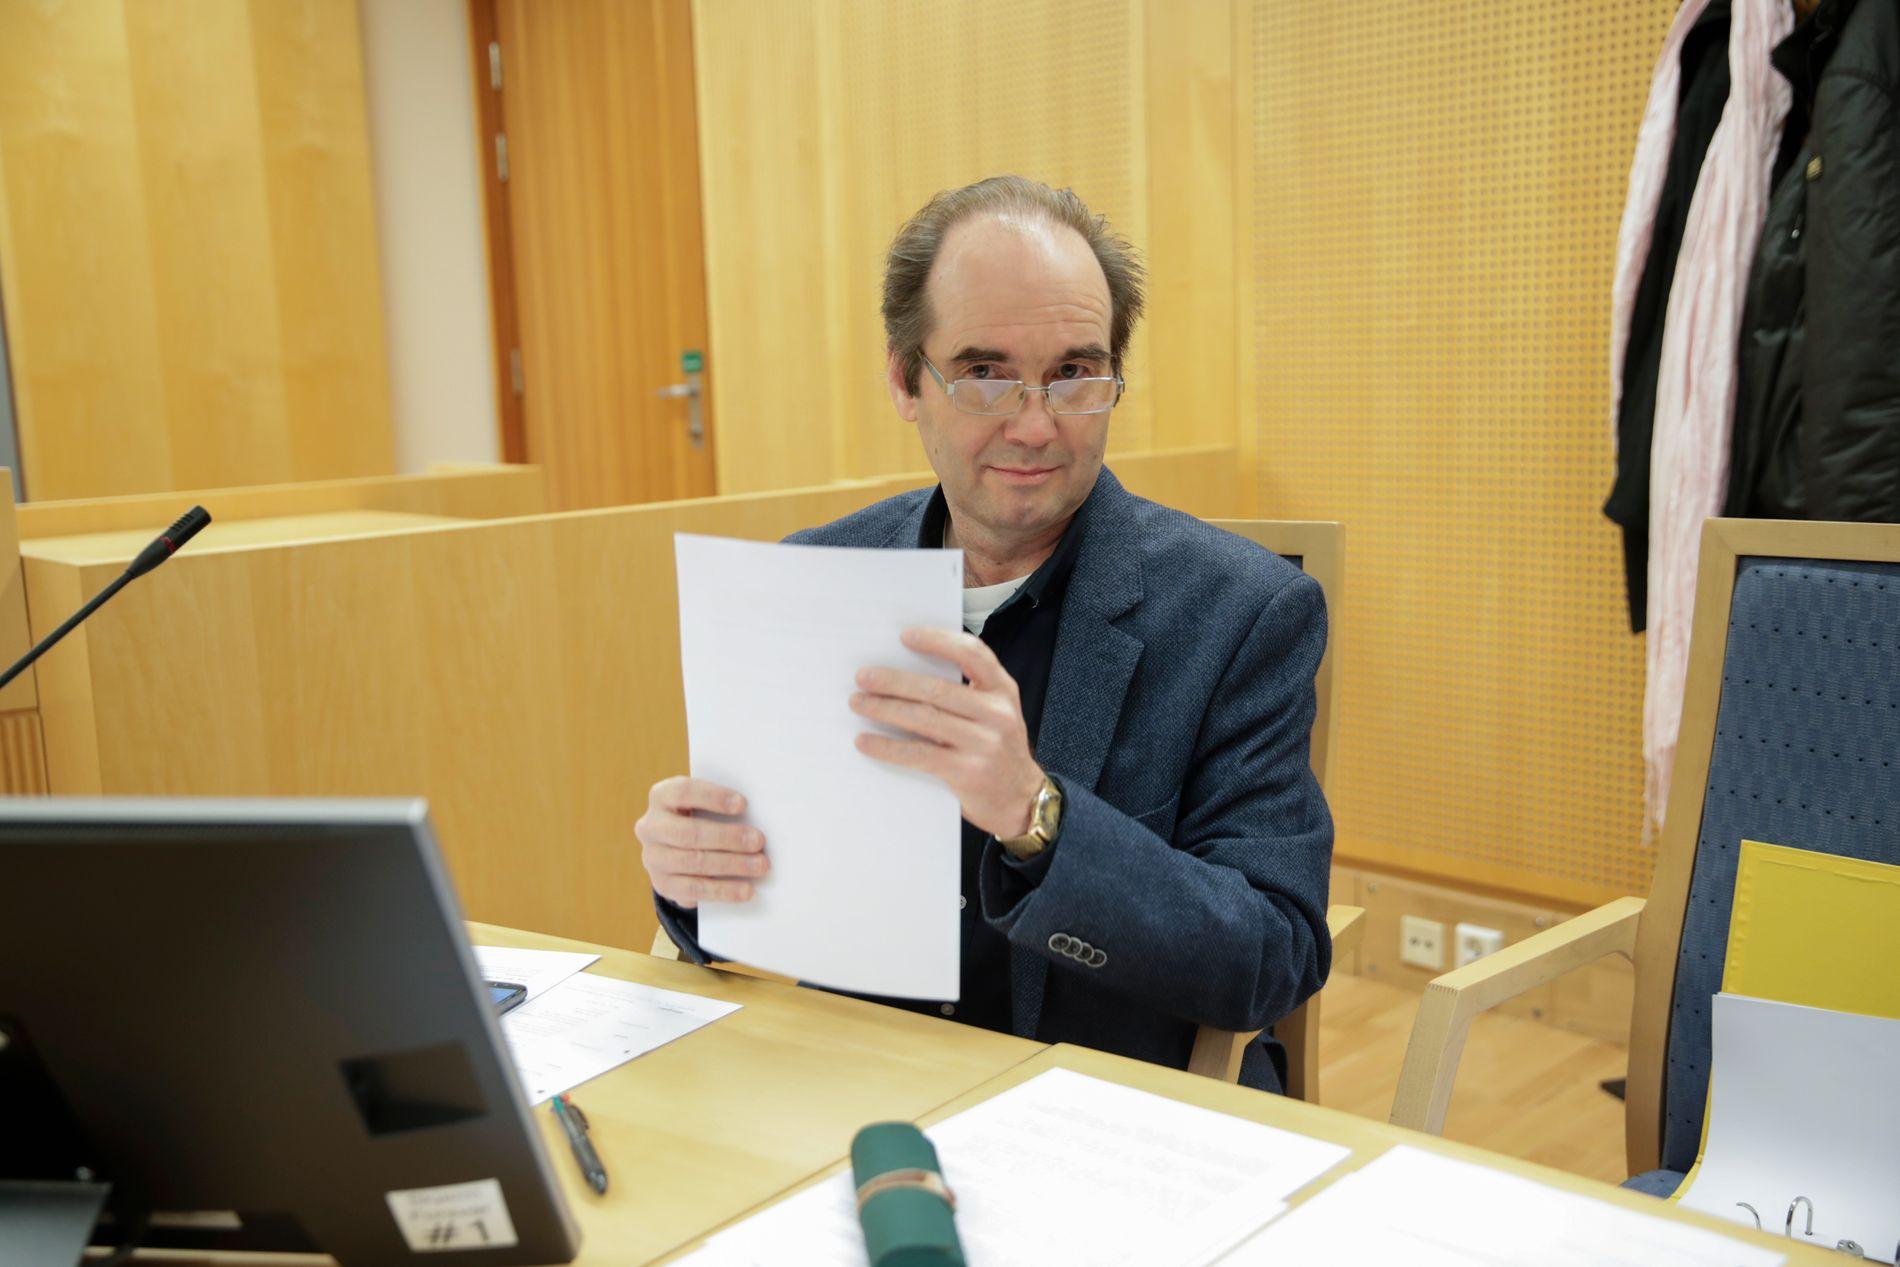 Oslo 20190909. Kasserer Per-Ivar Bergo i Folkeaksjonen nei til mer bompenger Oslo mener FNB nasjonalt har ekskludert partimedlemmer uten å ha hjemmel til det.